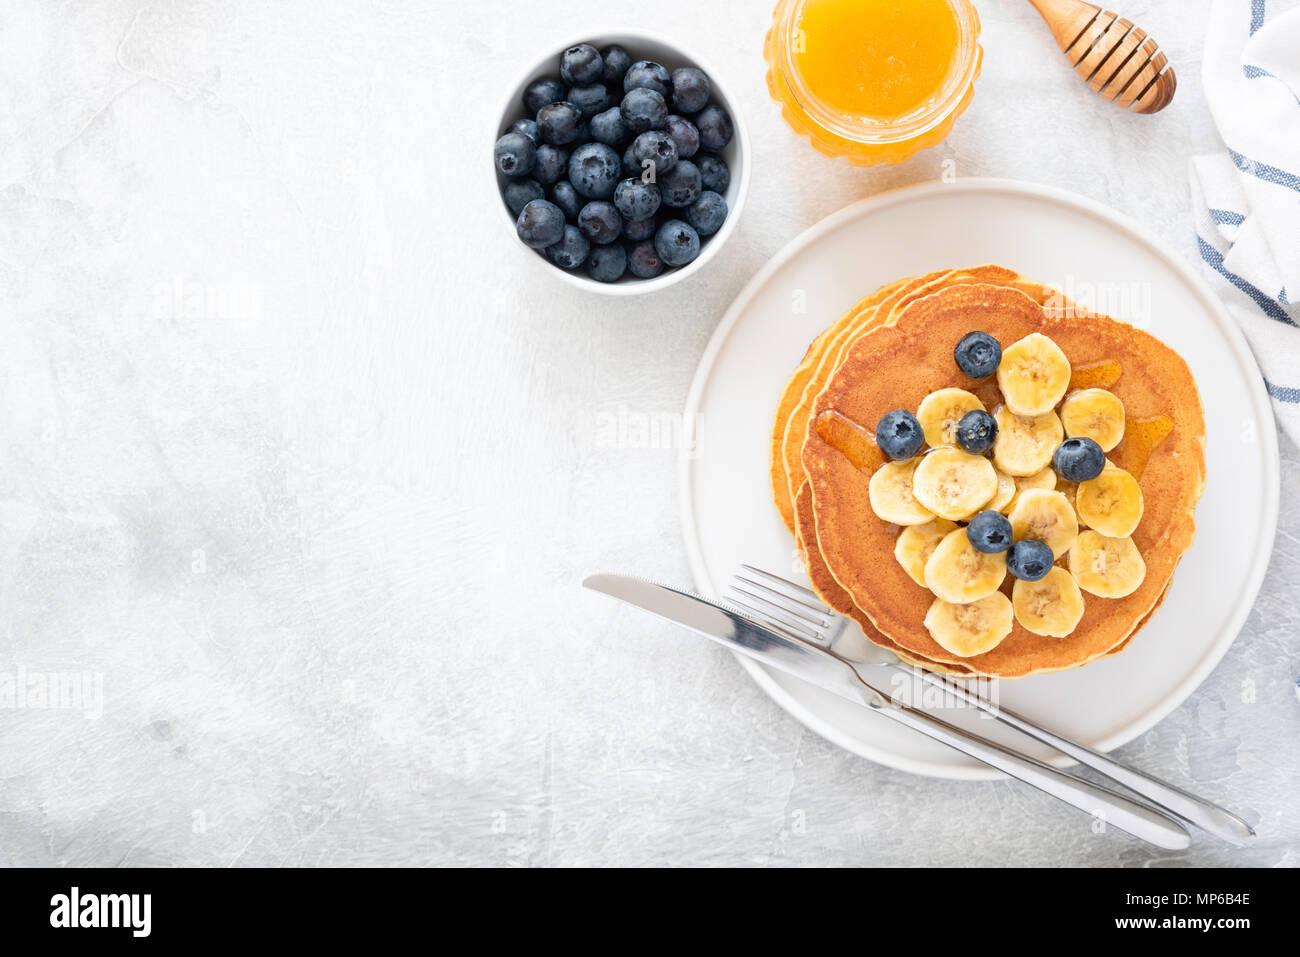 Buttermilch Pfannkuchen mit Banane, Blaubeeren und Honig auf konkreten Hintergrund. Ansicht von oben und kopieren Sie Platz für Text. Blick von oben auf die Pfannkuchen mit Beeren auf Stockbild